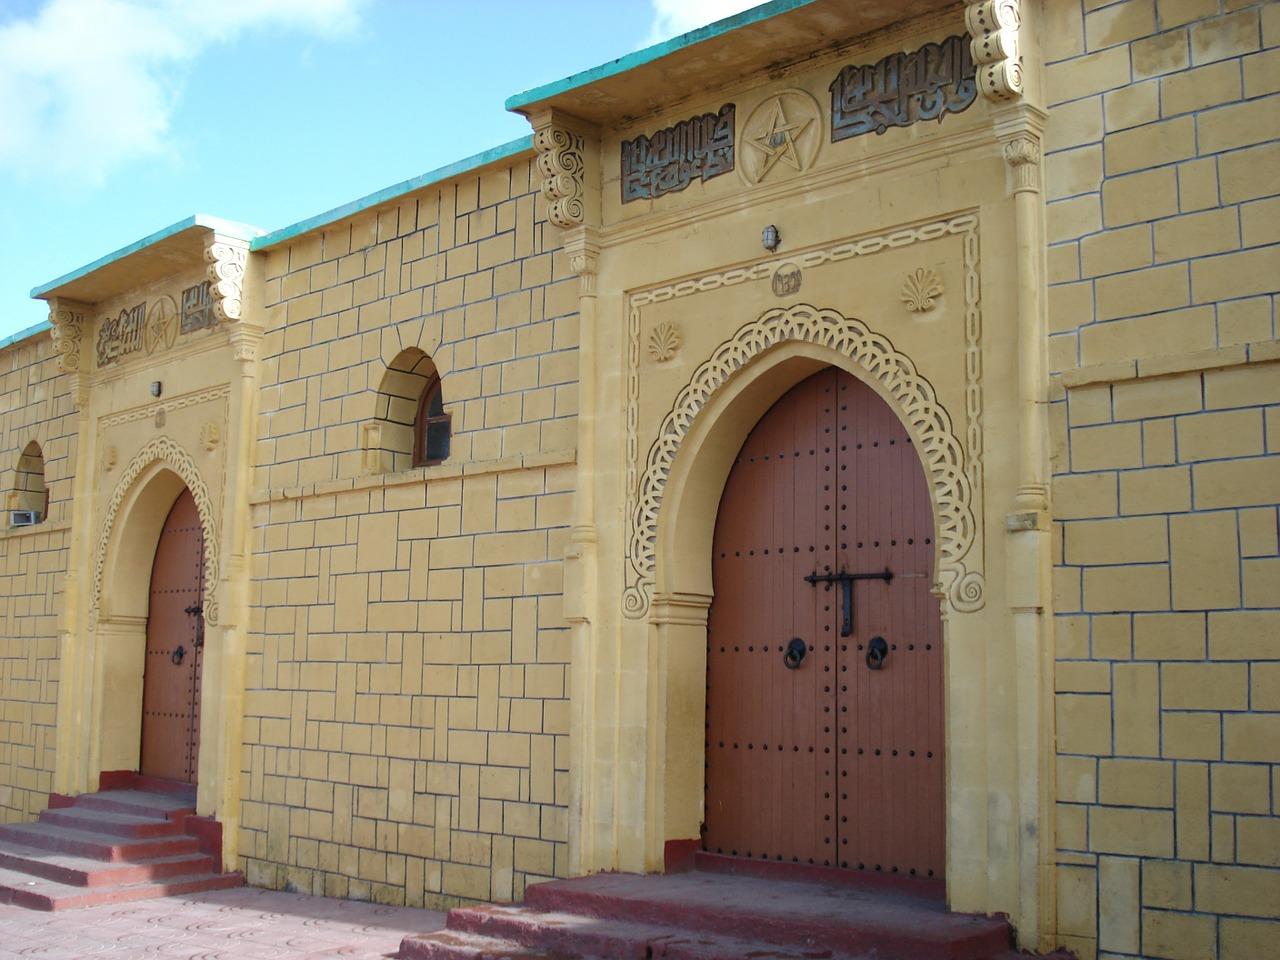 Rabat, capital of morocco